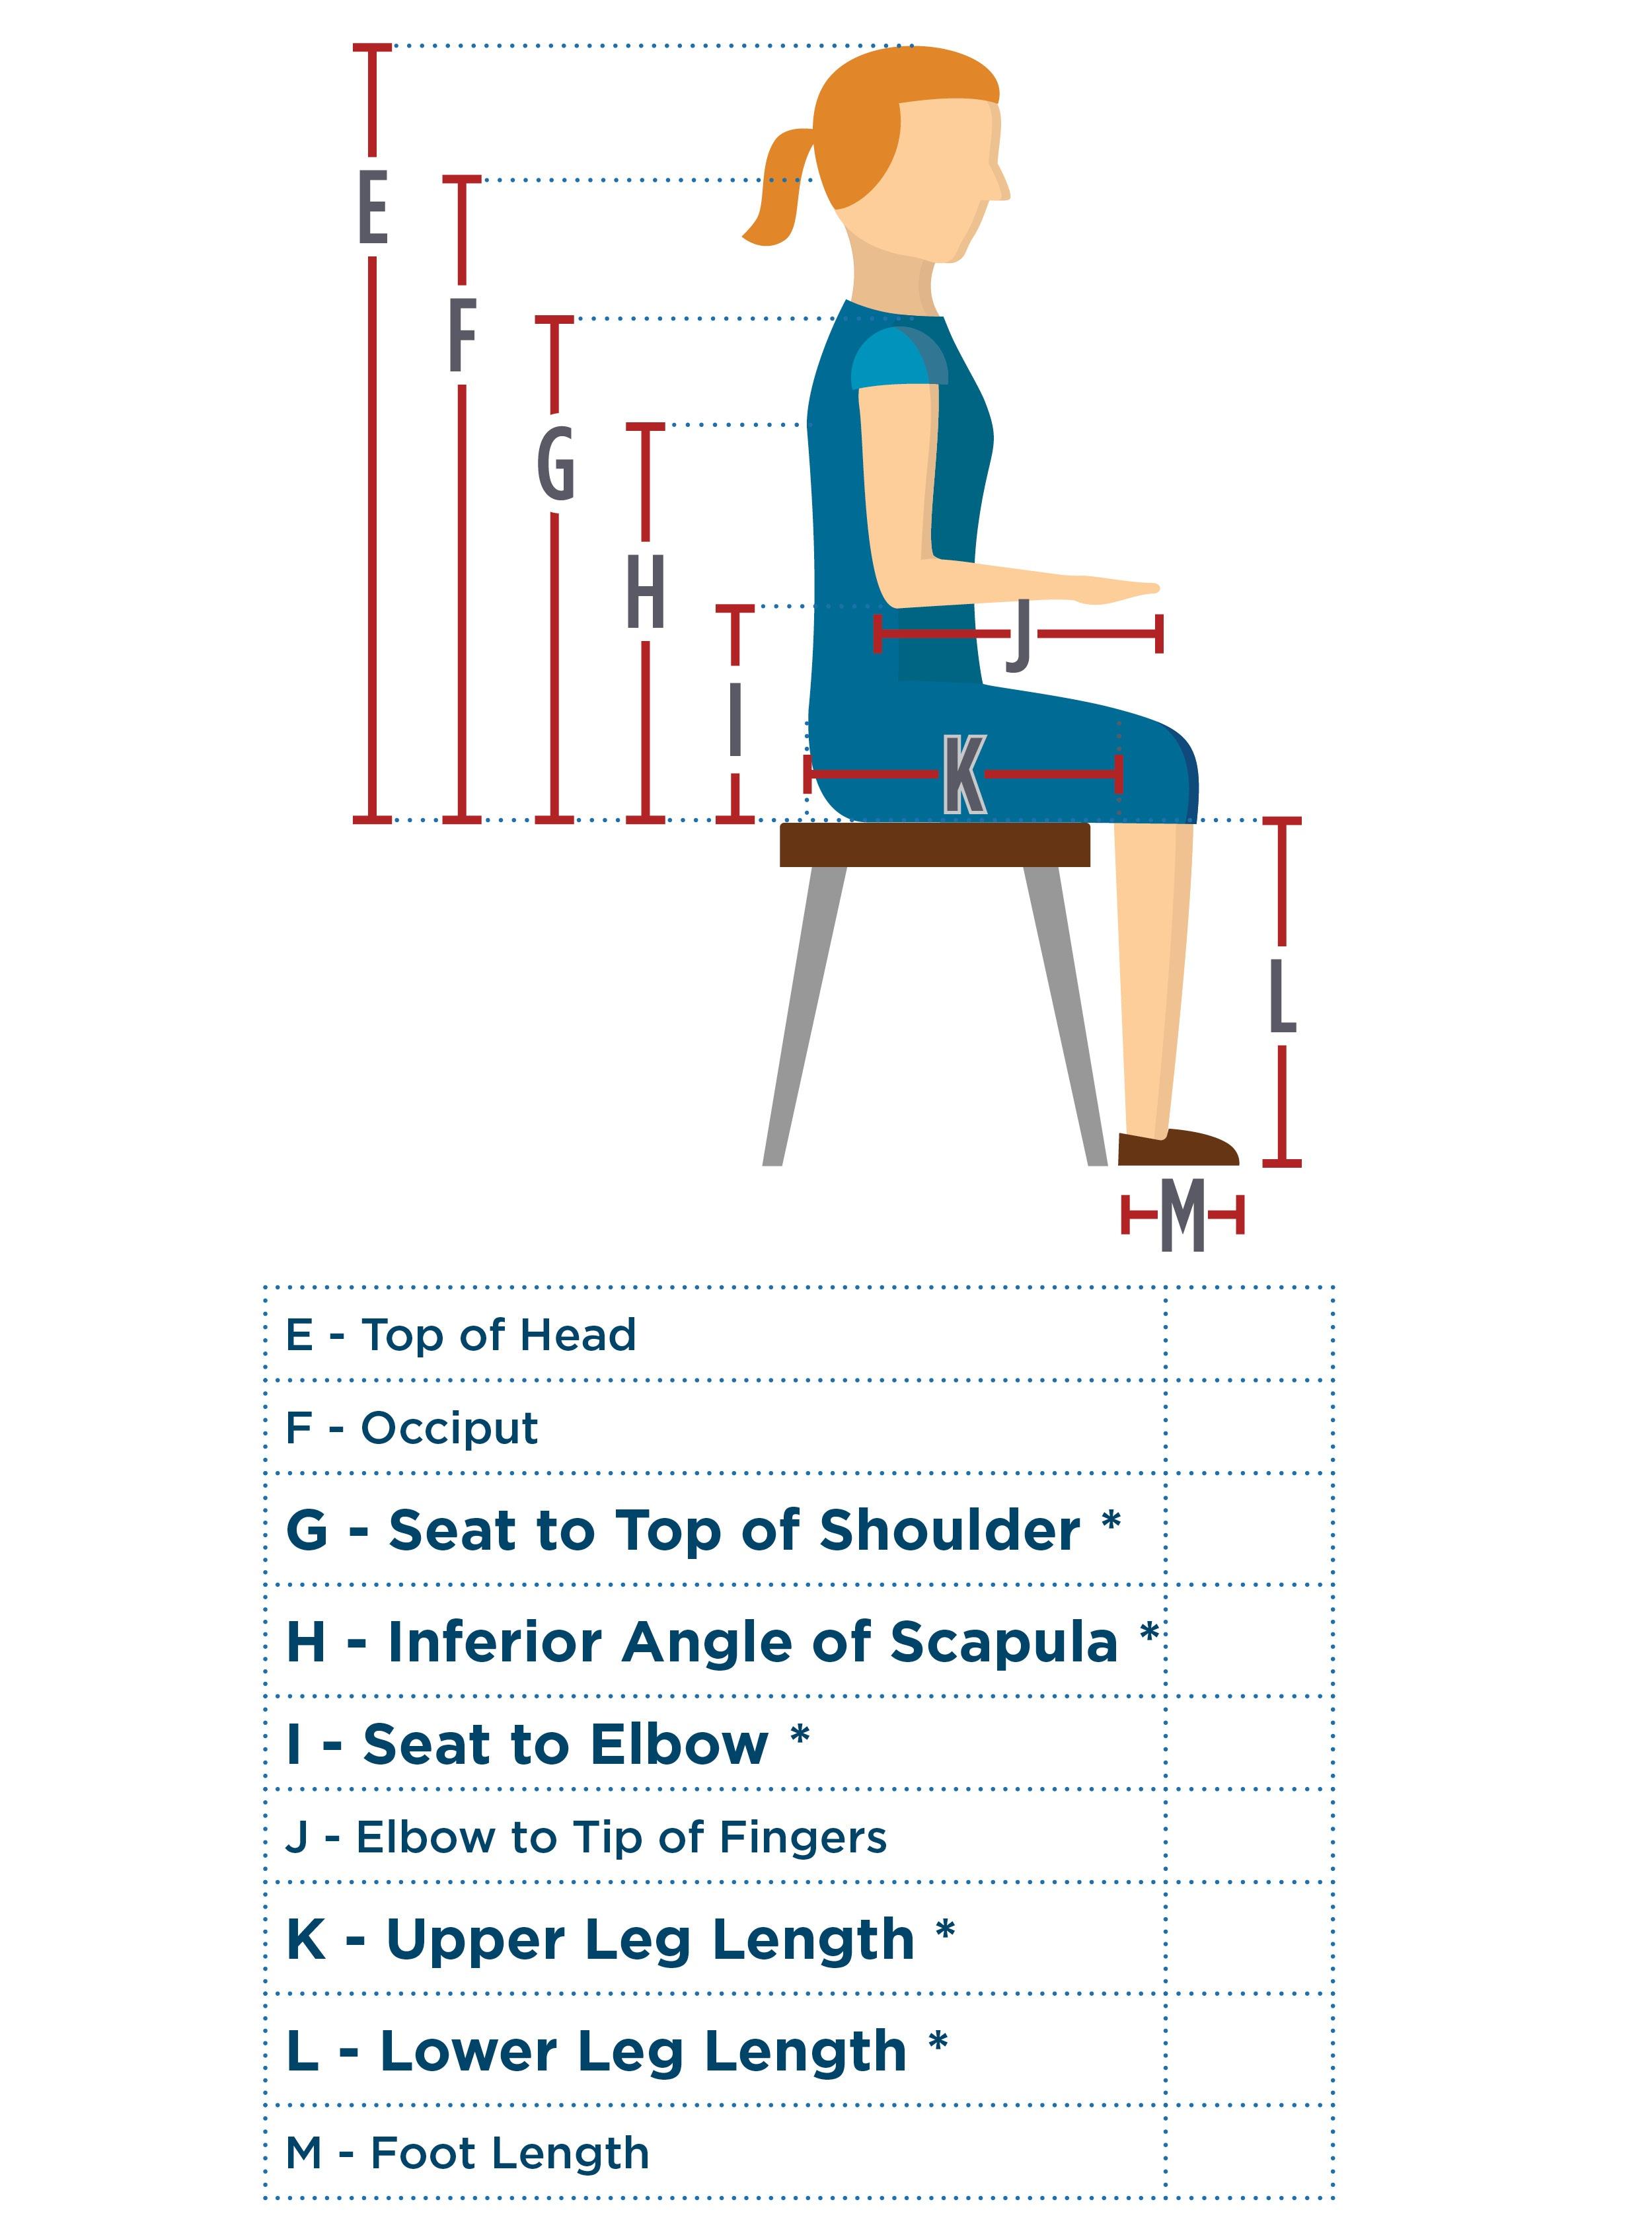 Wheelchair_Measuring_Guide - E-M